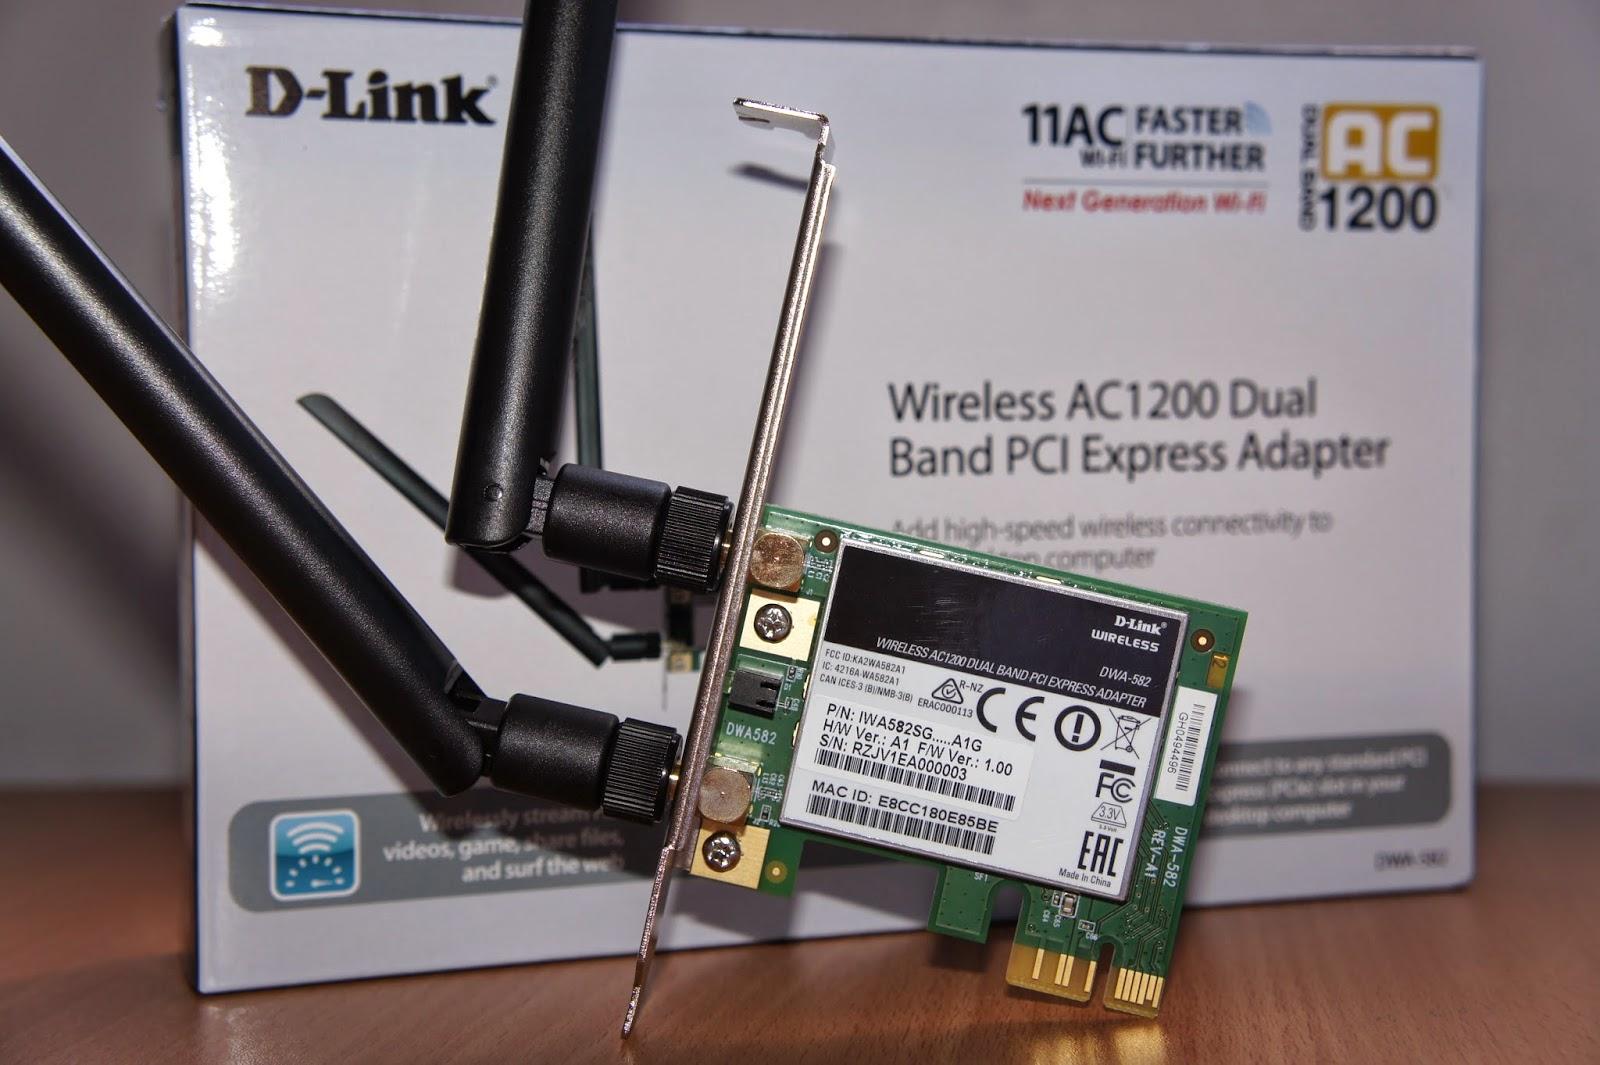 D-Link DCS-5220 - Wireless Pan/Tilt Internet Camera Network User Manual